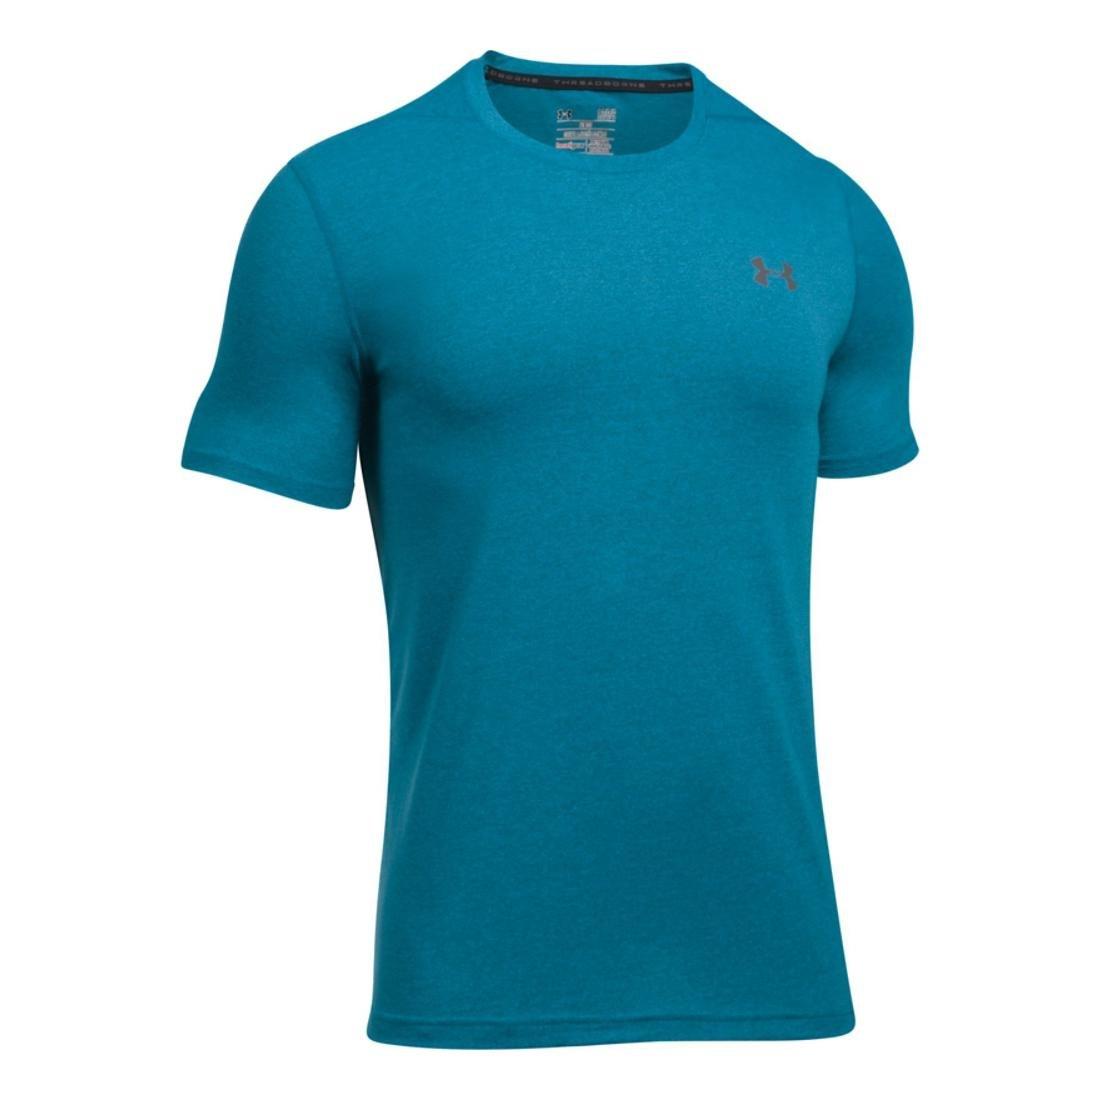 Under Armour Men/'s SMALL Threadborne Seamless SS T-Shirt BLUE Cycling Jersey